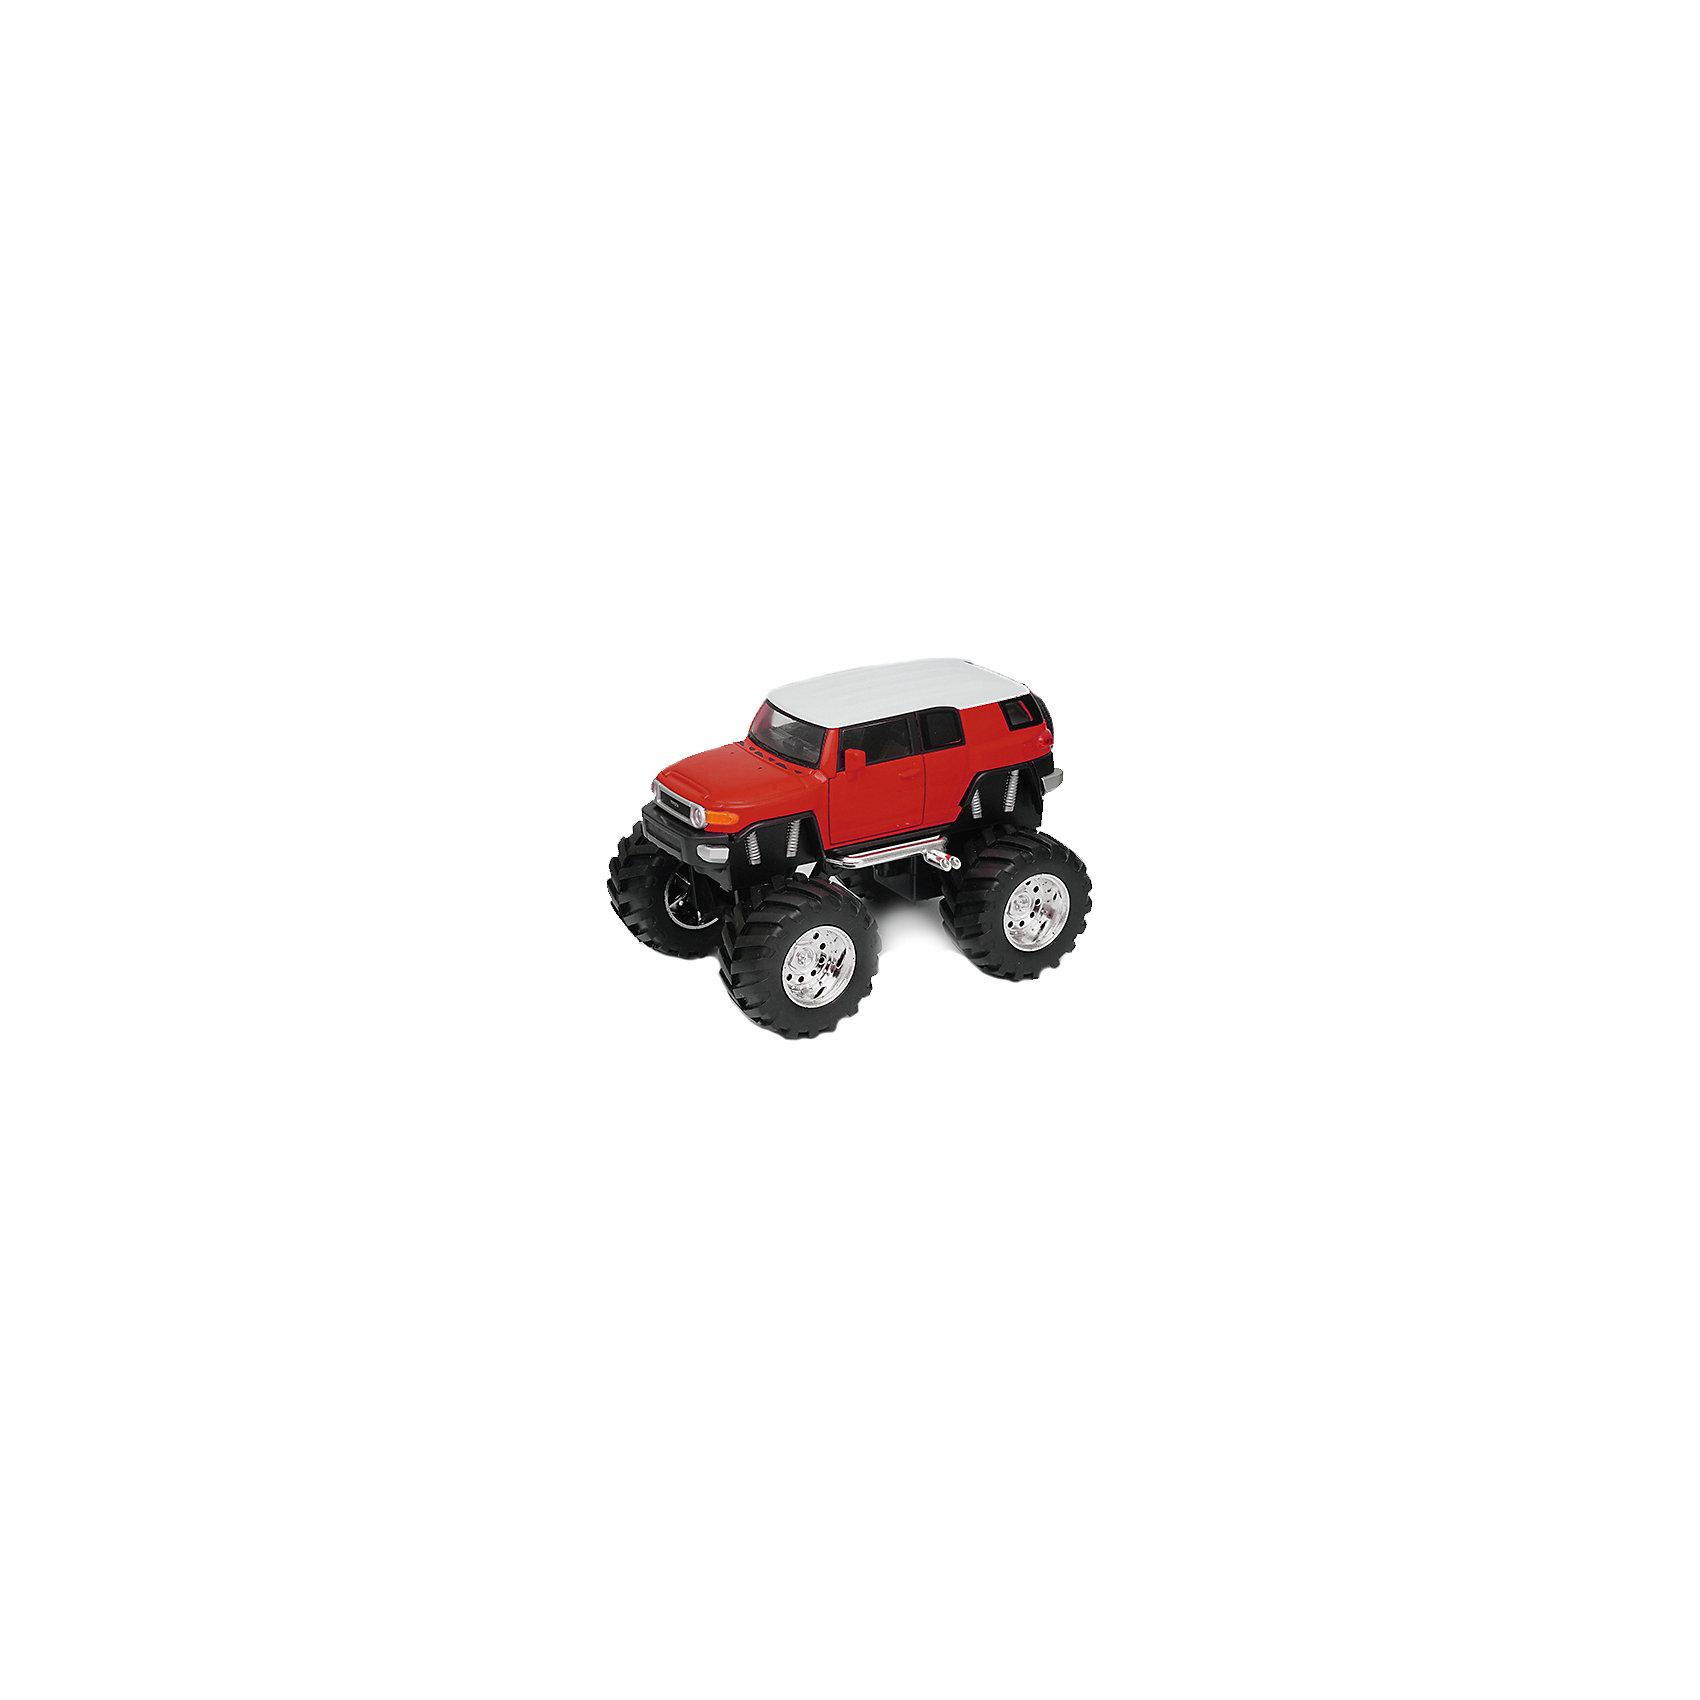 Модель машины 1:34-39 Toyota FJ Cruiser Big Wheel, красная, WellyХарактеристики:<br><br>• тип автомобиля: внедорожник;<br>• открываются двери;<br>• прорезиненные колеса;<br>• инерционный механизм;<br>• масштаб: 1:34-39;<br>• материал: металл, пластик;<br>• размер упаковки: 15х11х6 см.<br><br>Устроить настоящие гонки на внедорожниках помогут машинки Toyota FJ Cruiser Big Wheel. Мощные колеса, инерционный механизм, прочный корпус машинки дают возможность проводить соревнования снова и снова, машинки не бьются и не разбиваются. <br><br>Модель машины 1:34-39 Toyota FJ Cruiser Big Wheel, красная, Welly можно купить в нашем магазине.<br><br>Ширина мм: 155<br>Глубина мм: 95<br>Высота мм: 100<br>Вес г: 288<br>Возраст от месяцев: 36<br>Возраст до месяцев: 2147483647<br>Пол: Мужской<br>Возраст: Детский<br>SKU: 5255008